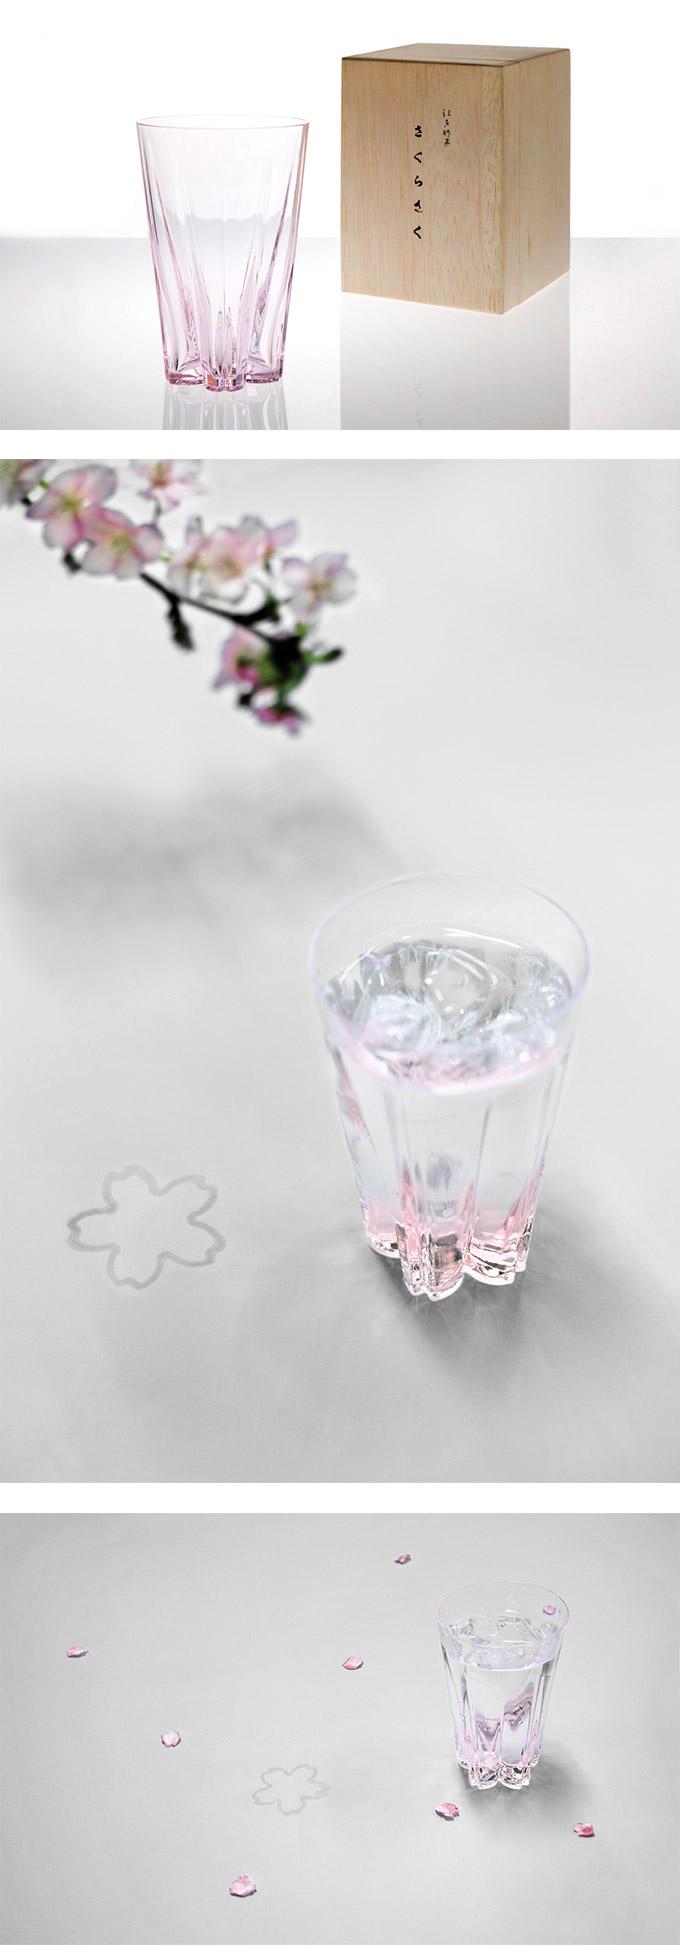 日本 Perrocaliente SAKURASAKU 櫻花杯 一般 櫻花粉